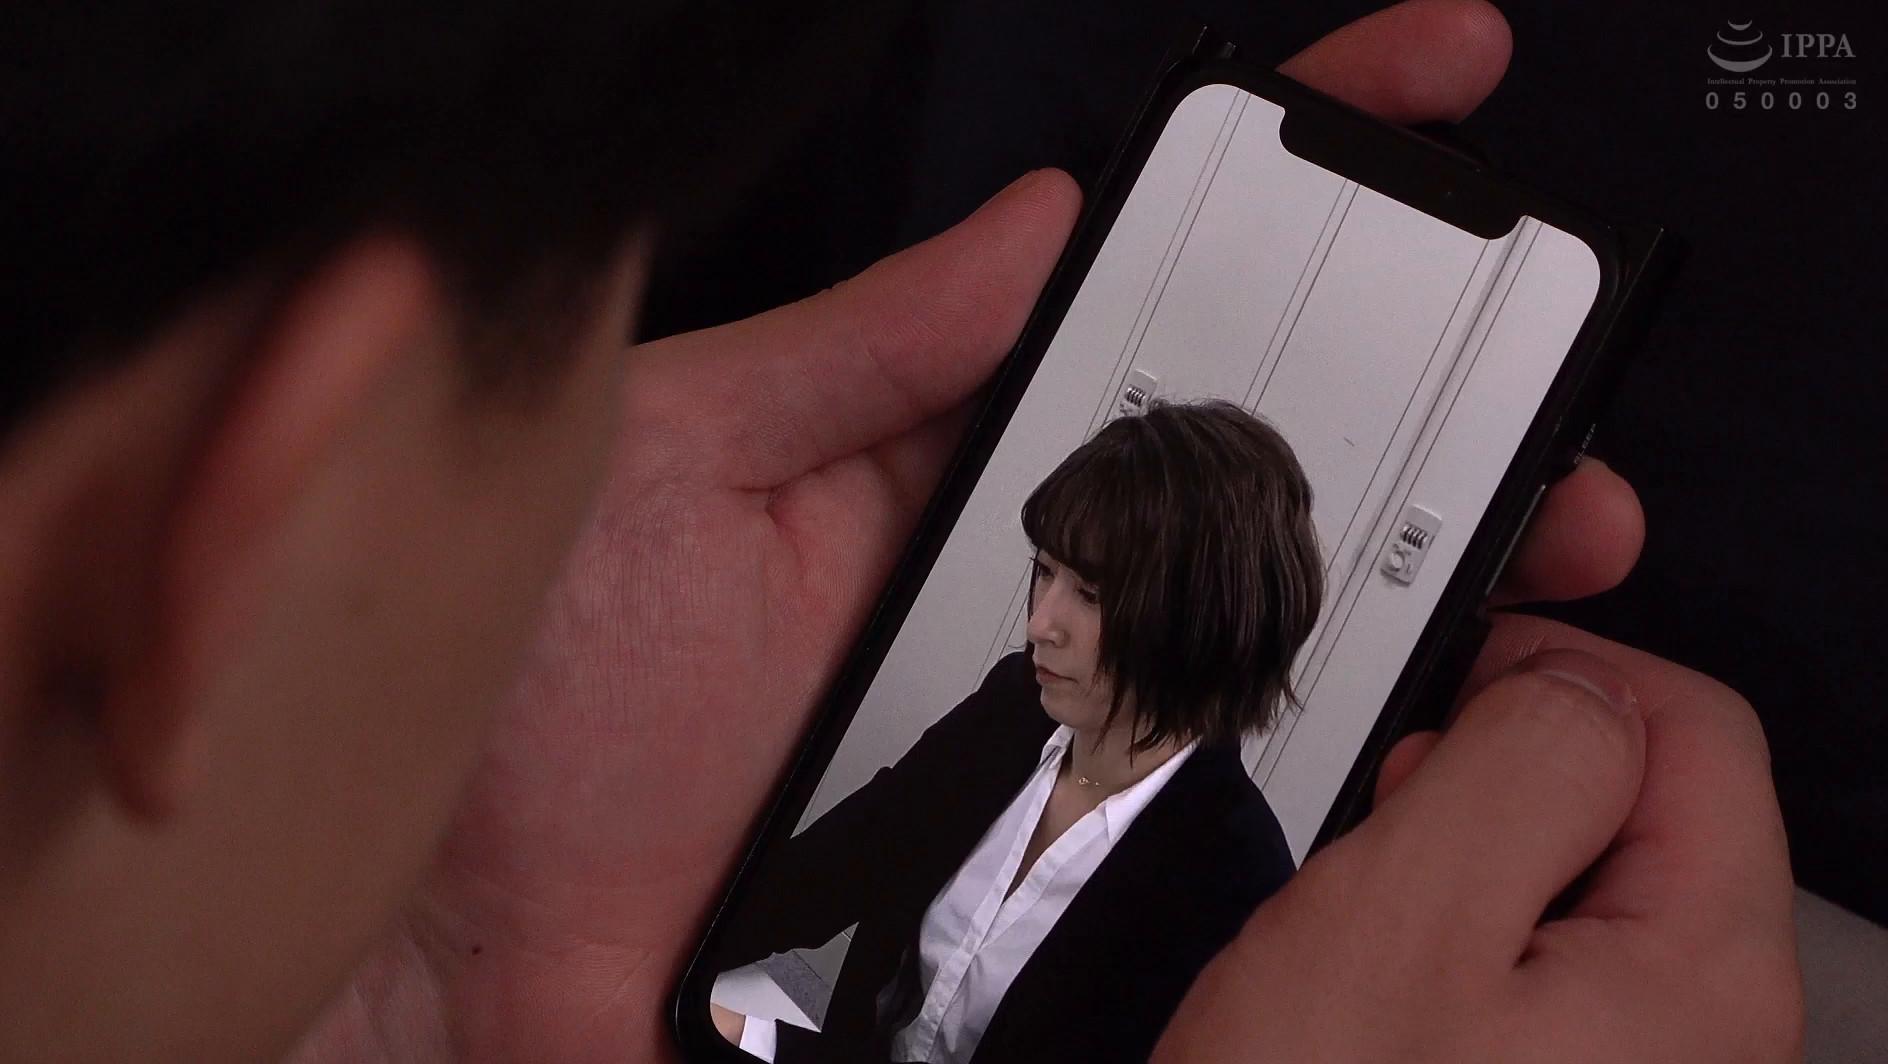 阿部乃みく ミリオン専属 第1弾ドラマ 完全女性上位 執拗に男ヲ責めて悦ぶオンナ 痴女OLはオフィスにて男性上司を堕とし狂わす3